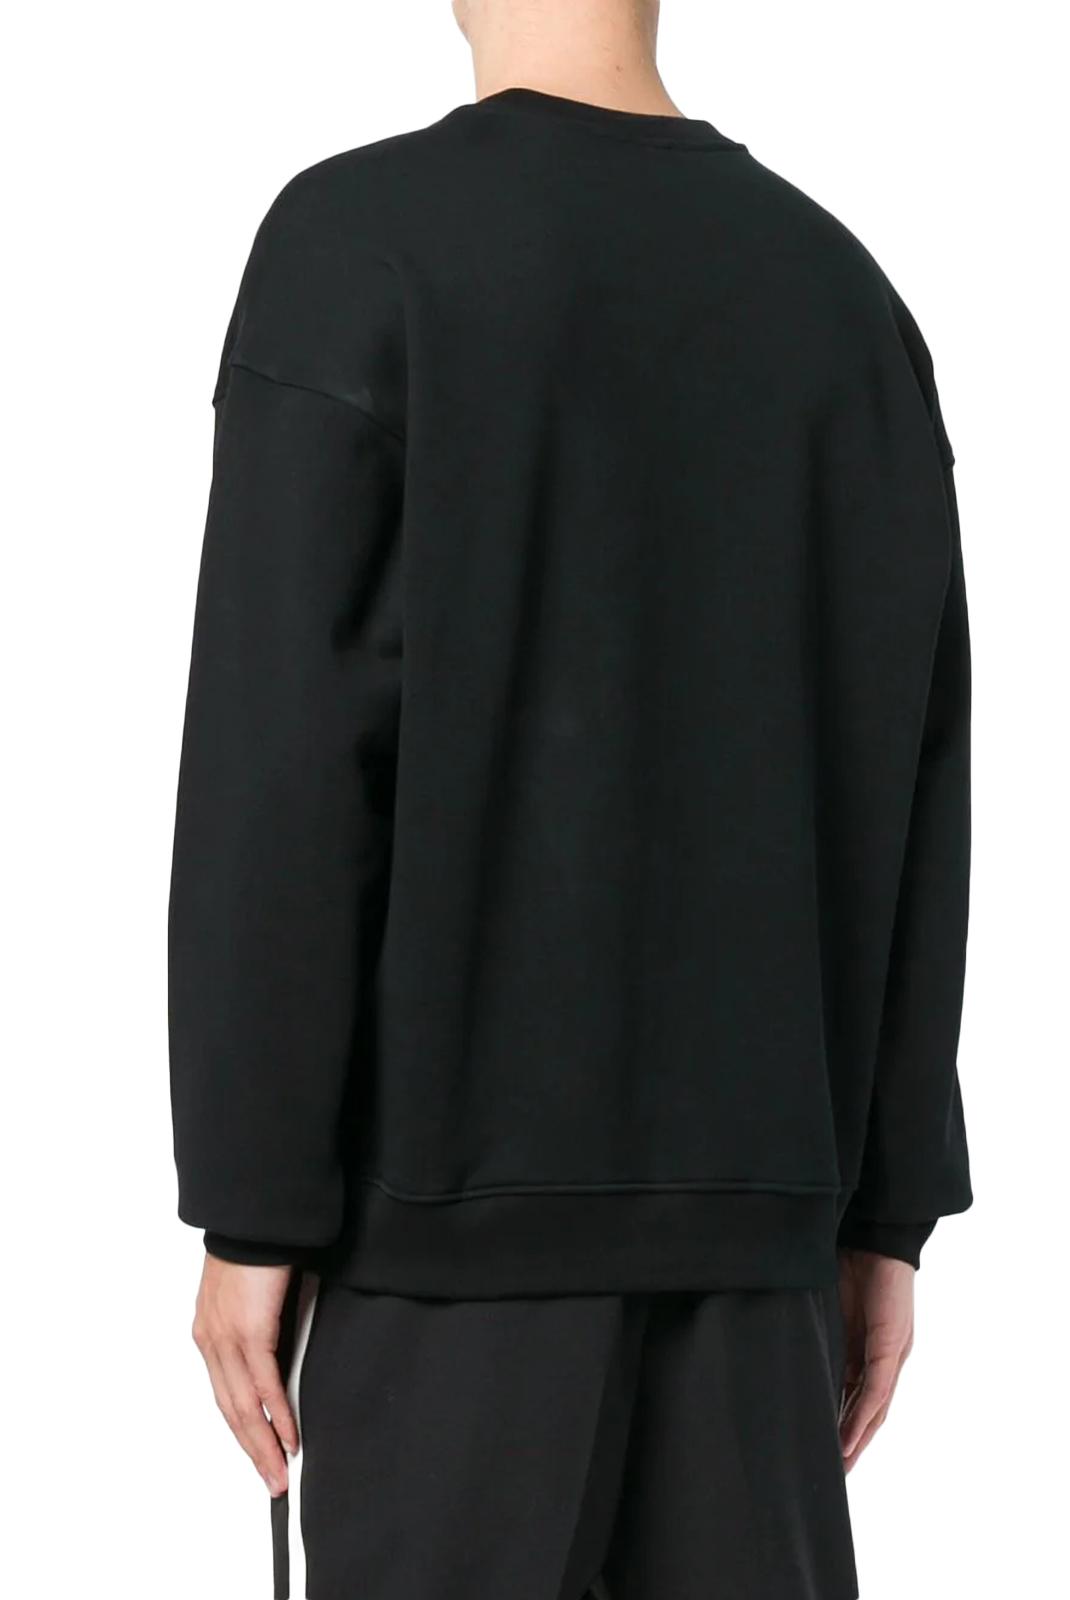 Sweatshirts  Moschino ZA1704 555 NOIR